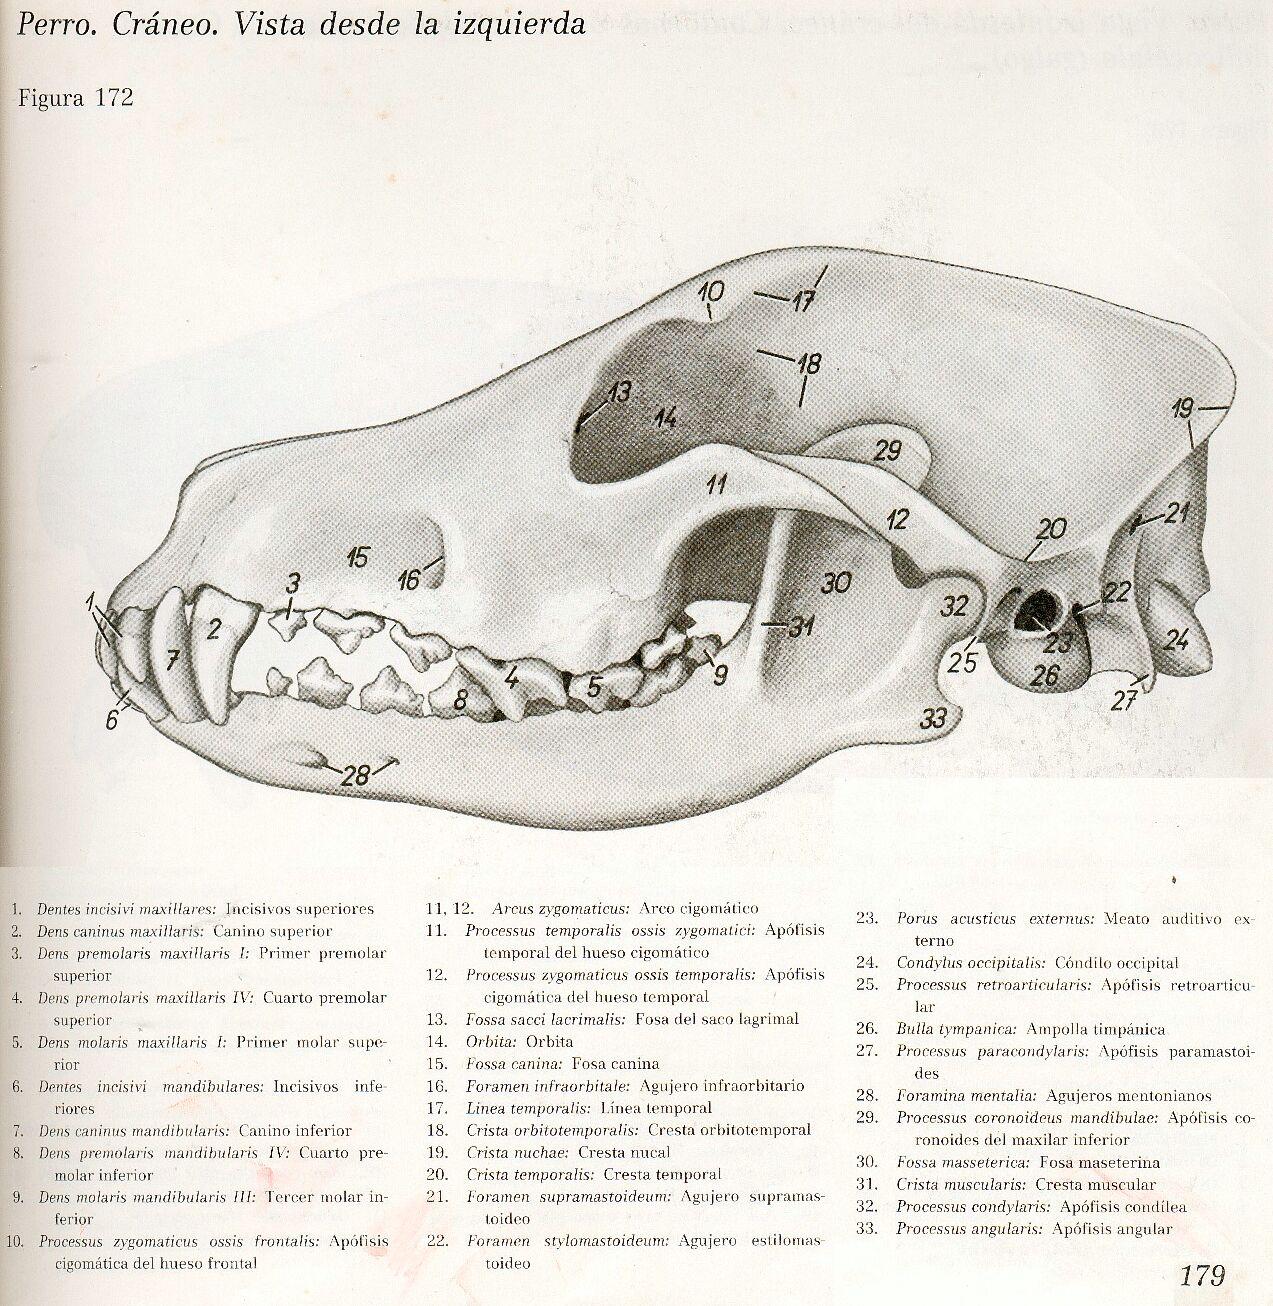 Anatomia Veterinaria: Cráneo de caninos